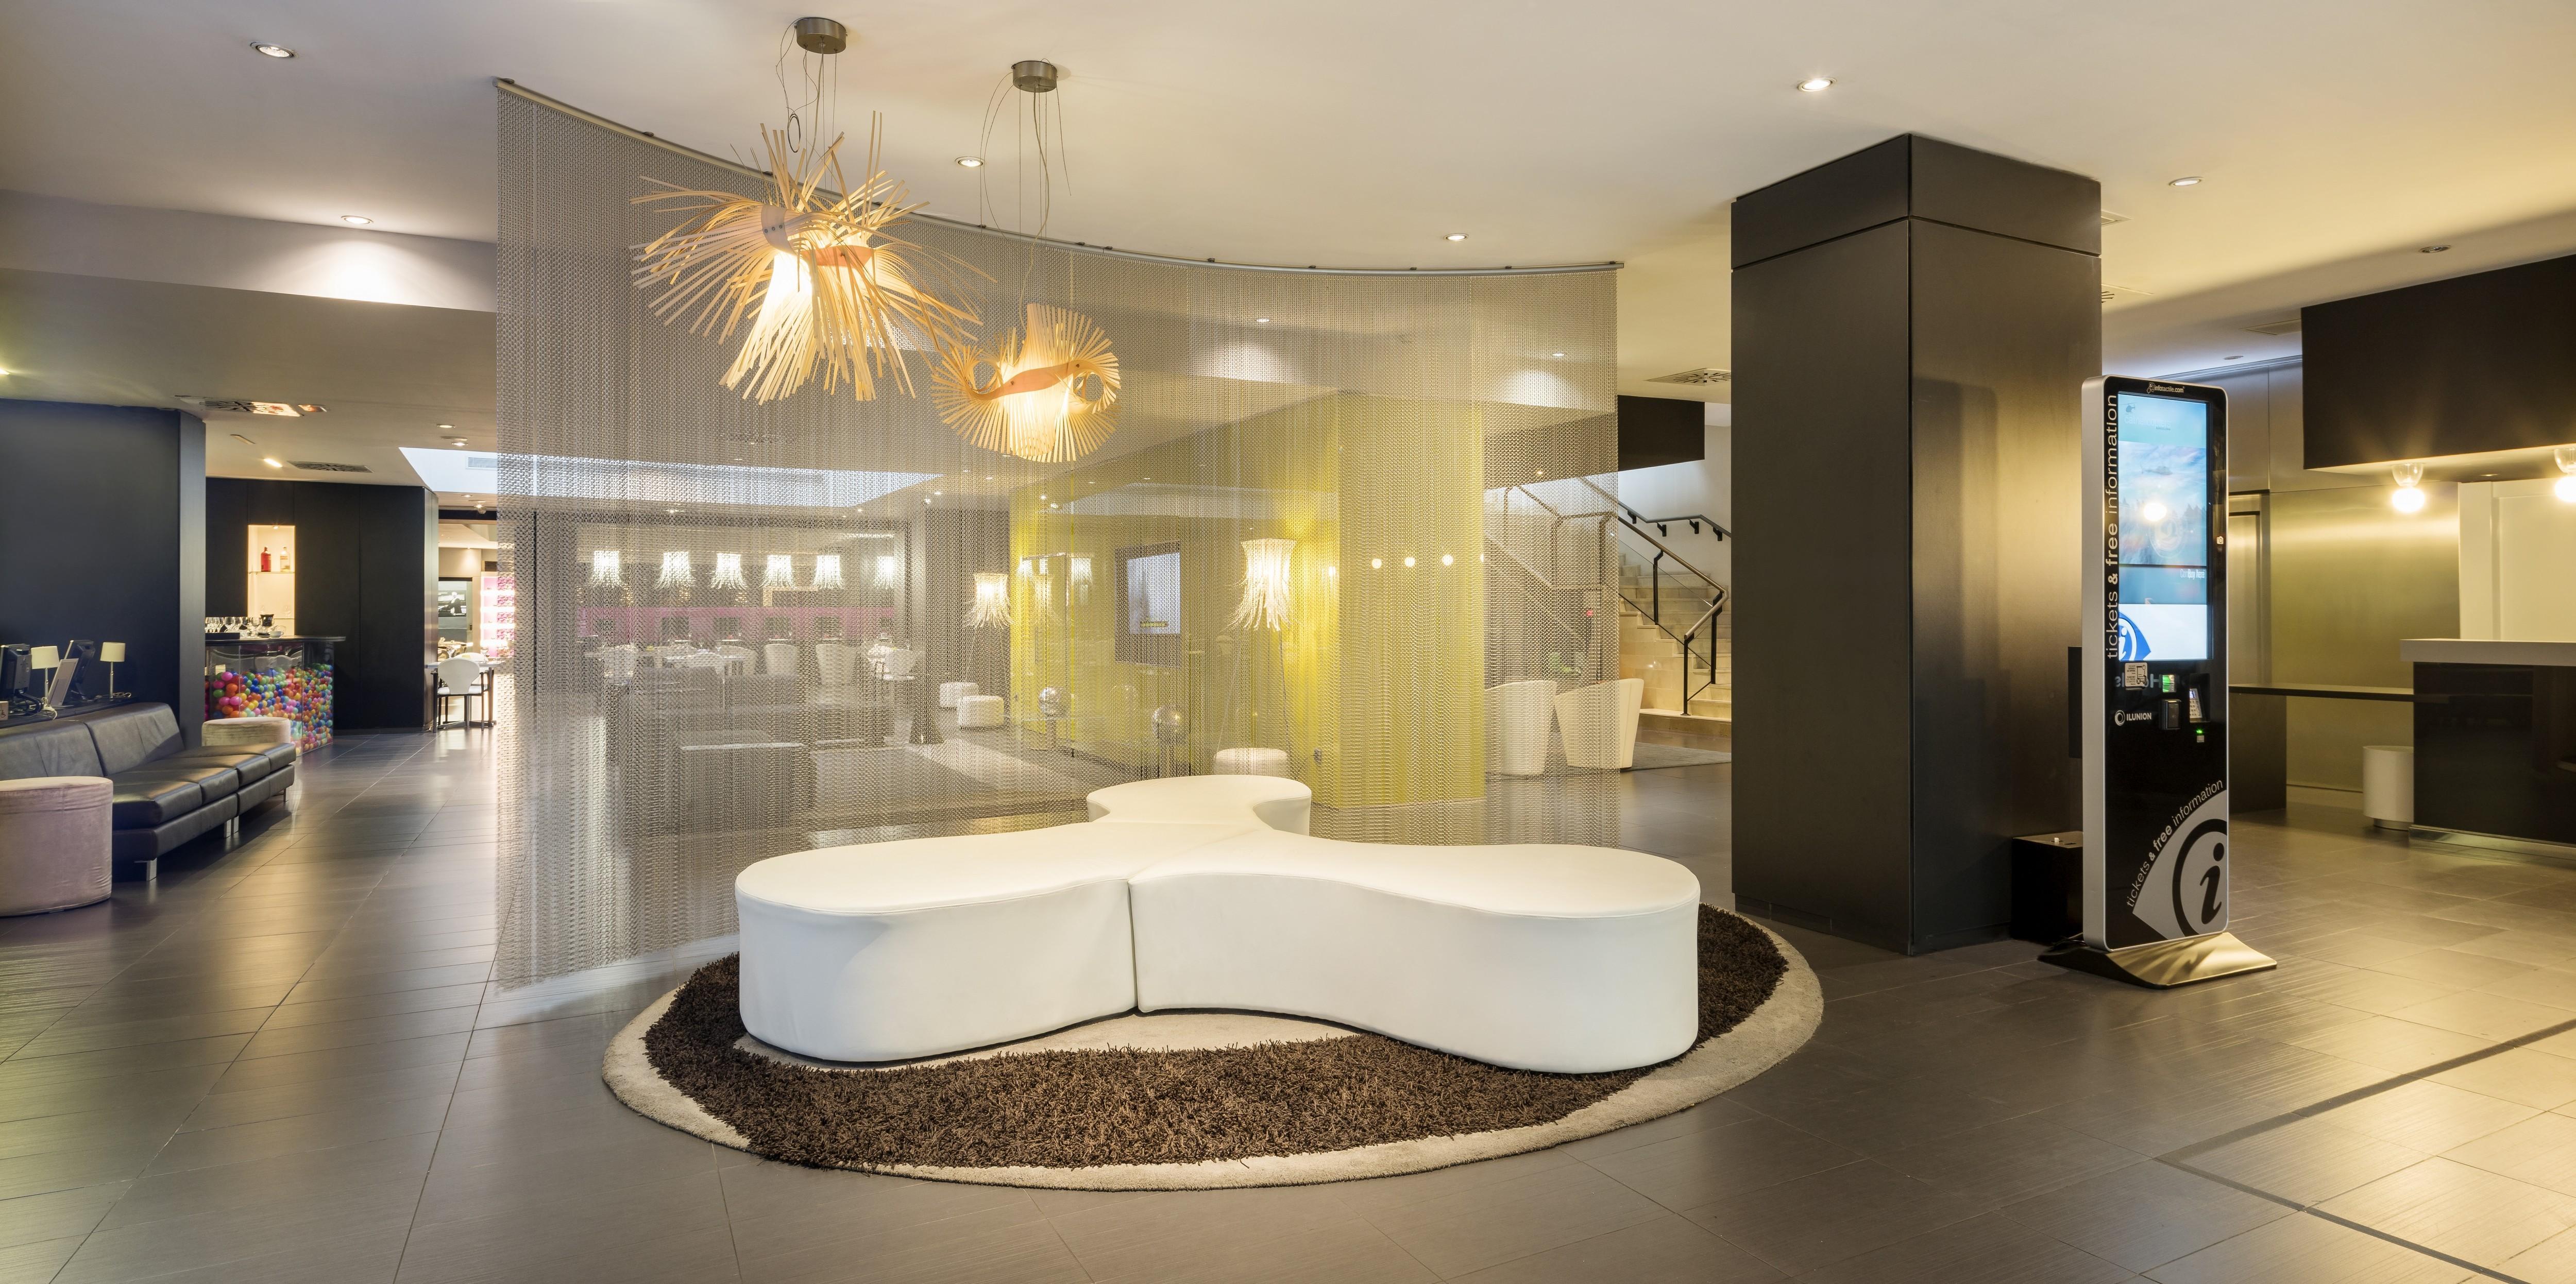 Confortel auditori - Hotel confortel auditori ...